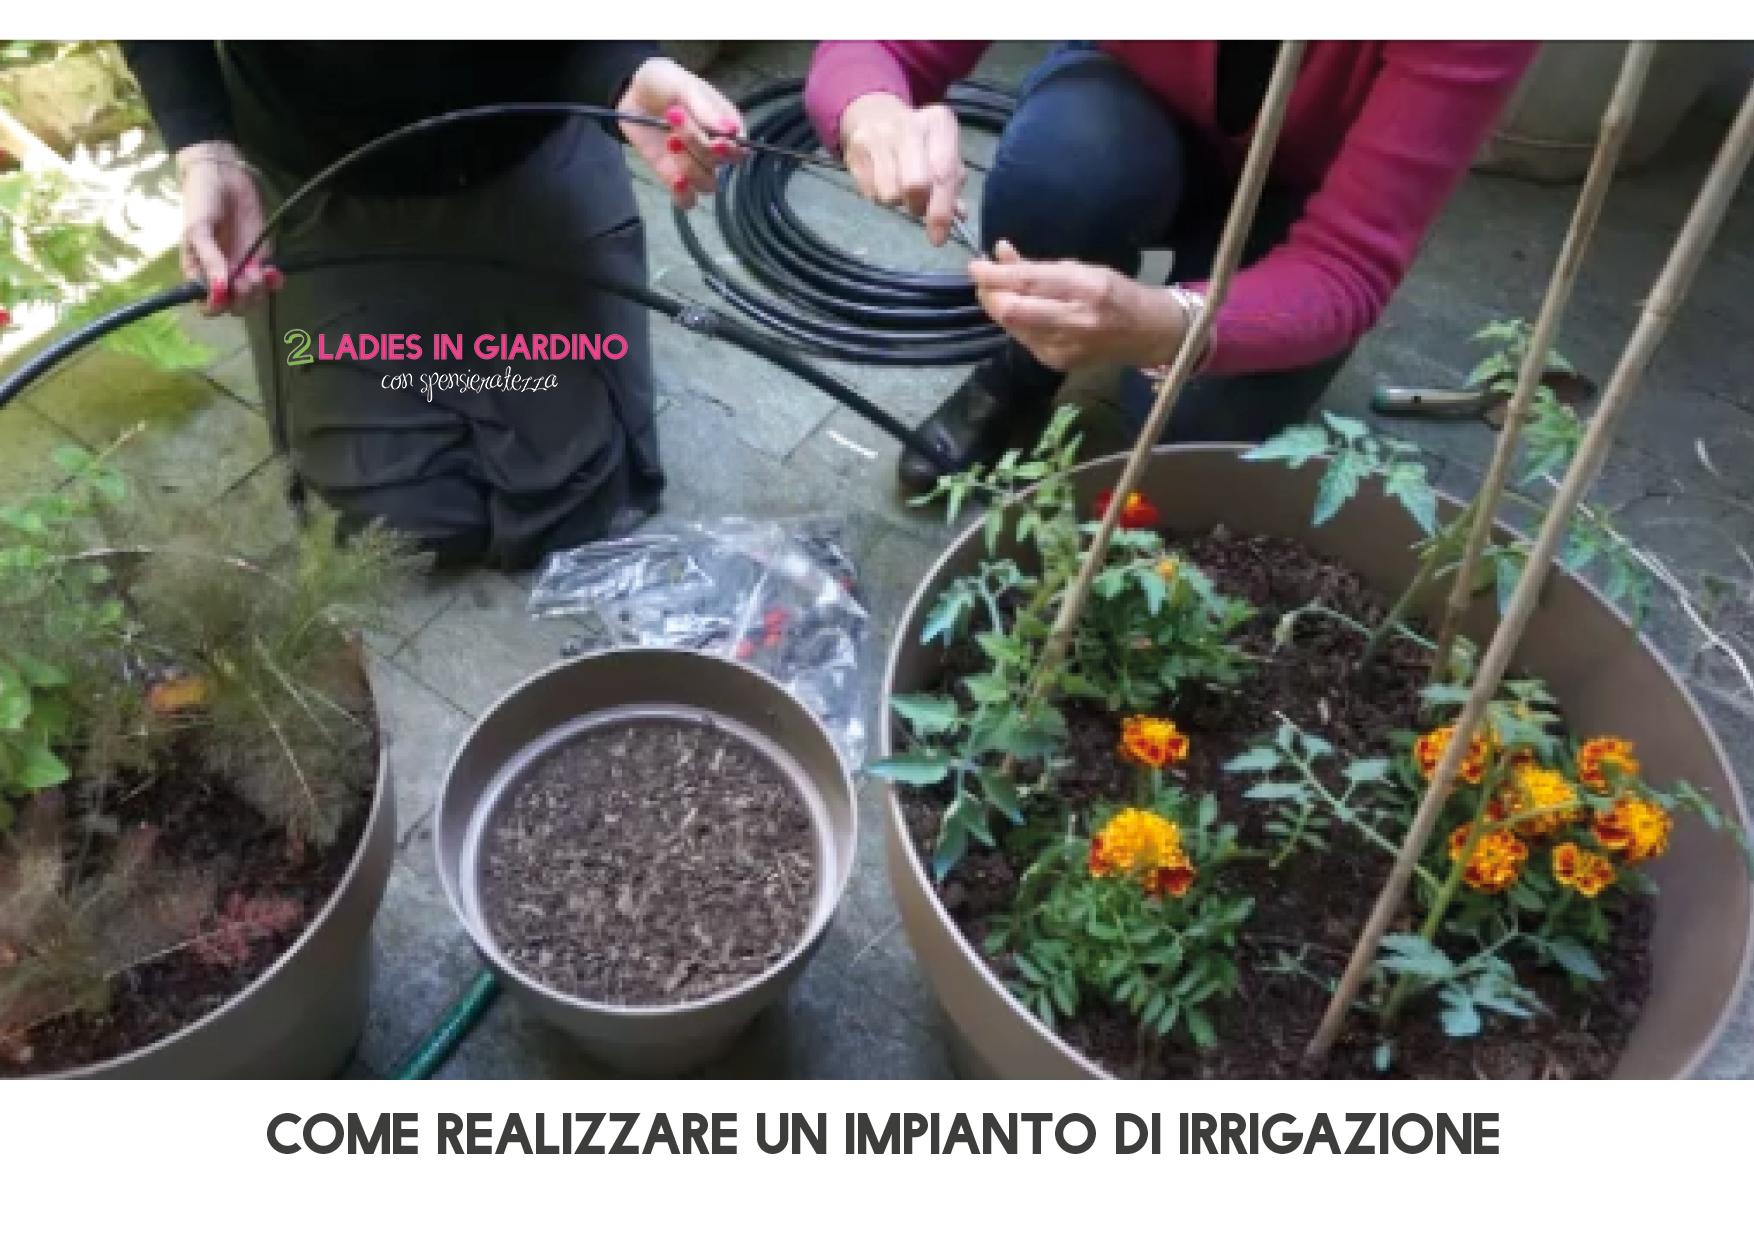 Come realizzare un impianto di irrigazione blossom zine blog for Impianto irrigazione vasi